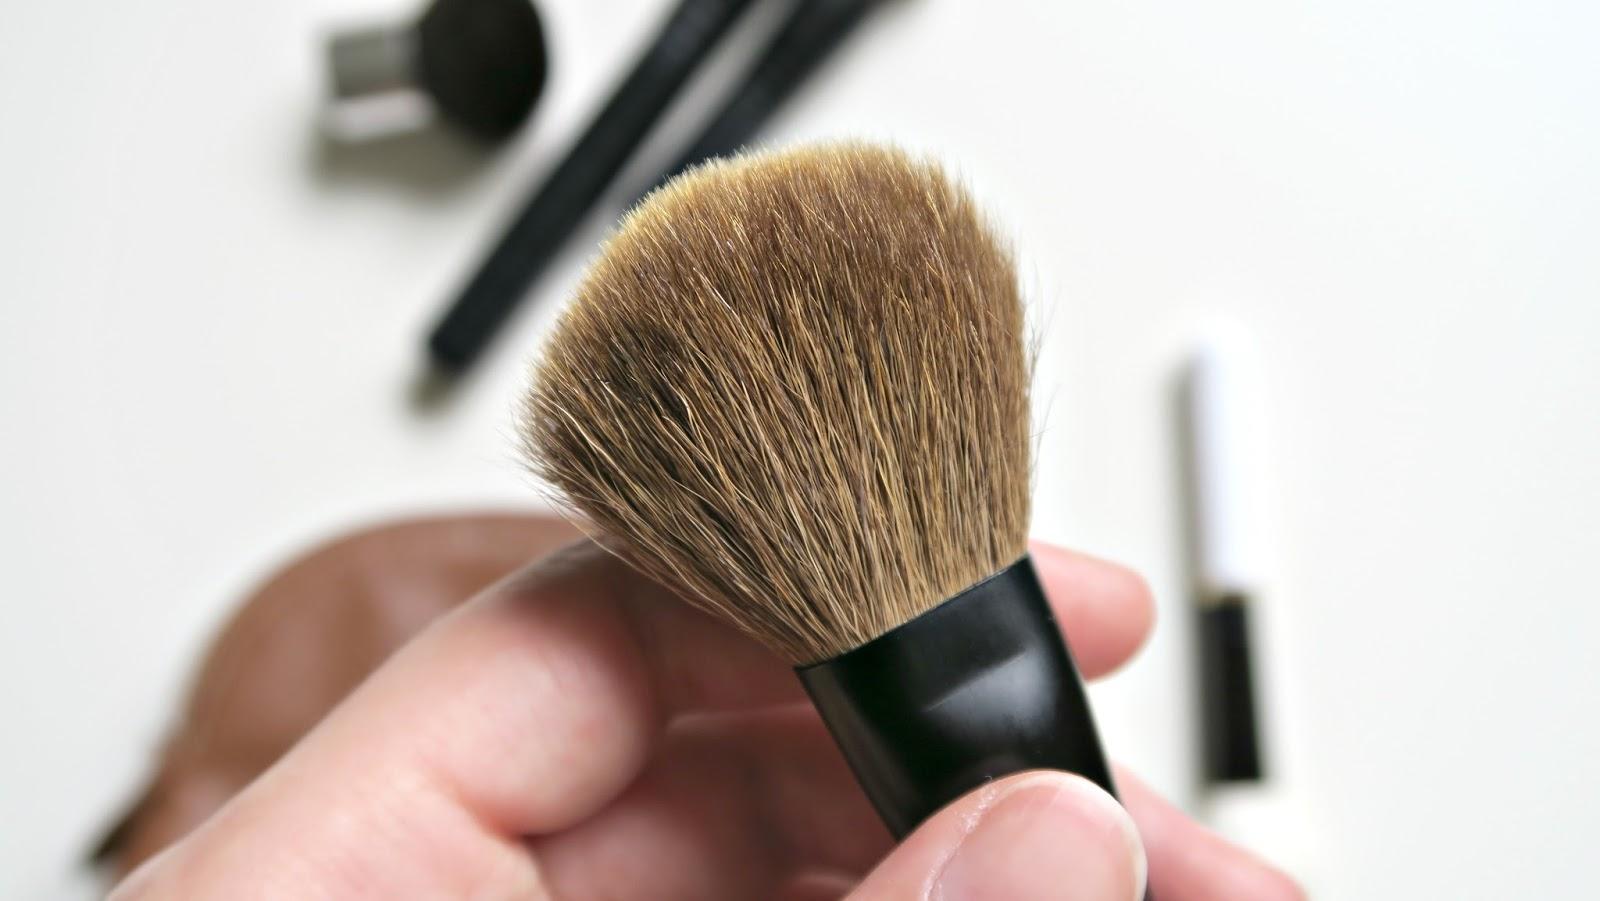 version miniature du blush brush de la marque nars, pinceau pour le teint en poils naturels